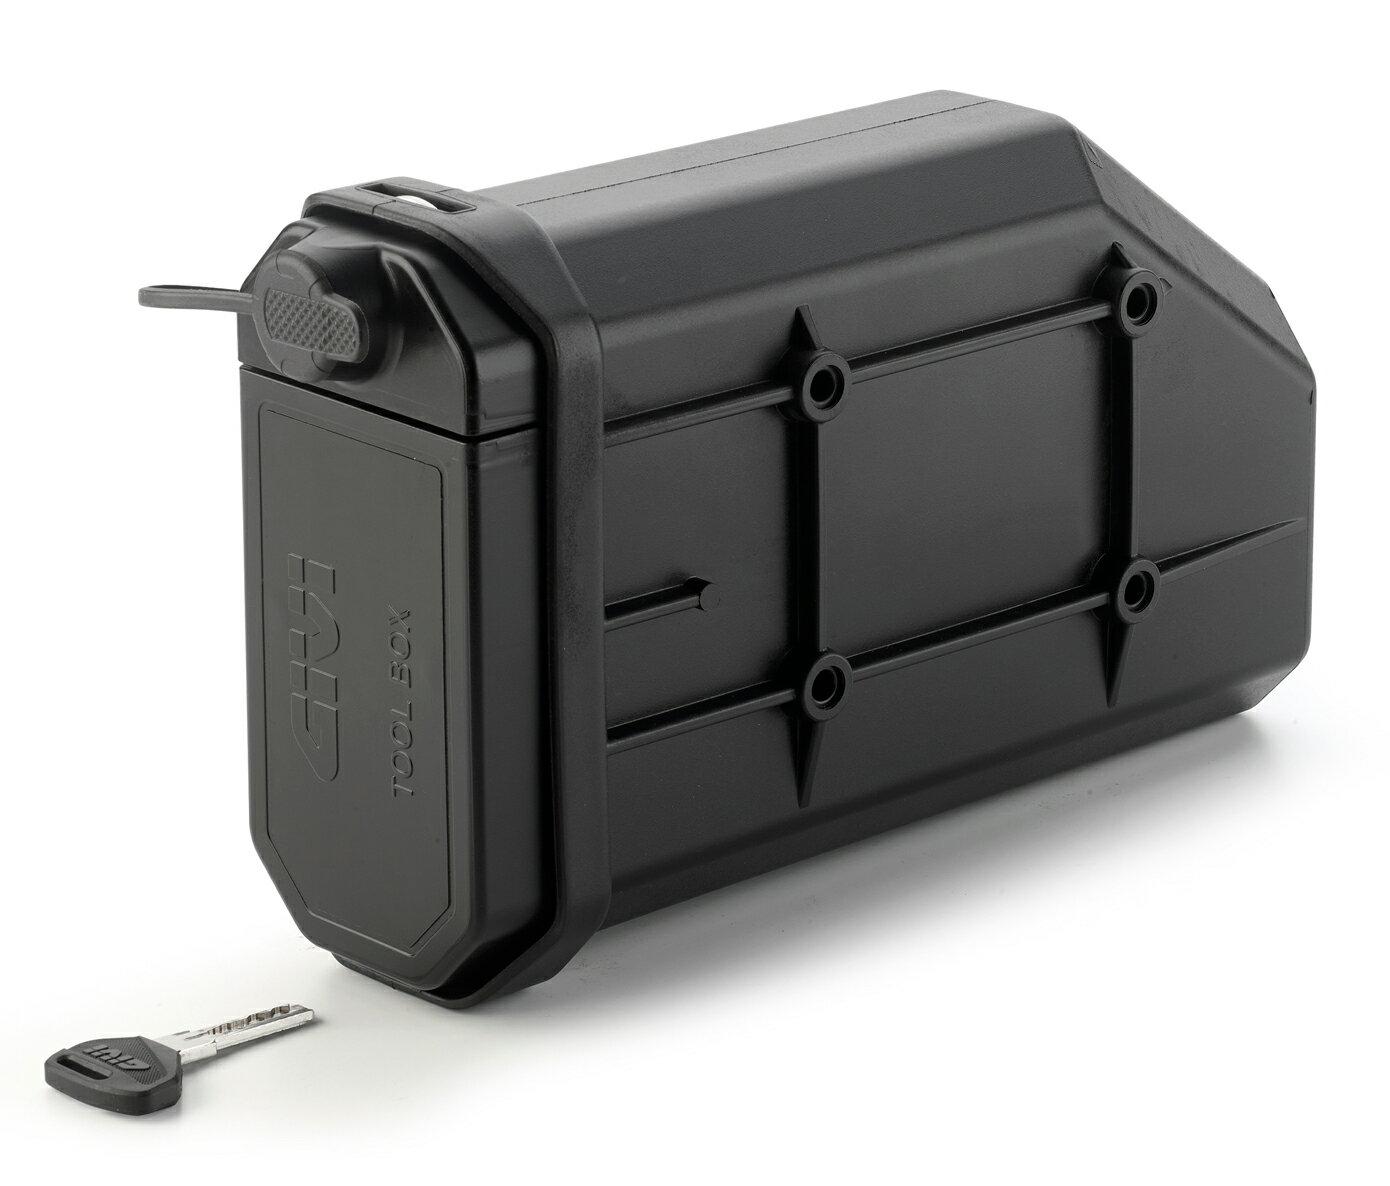 【バイク】【ツールボックス】 GIVI社製 パニアステー併用 ツールボックス